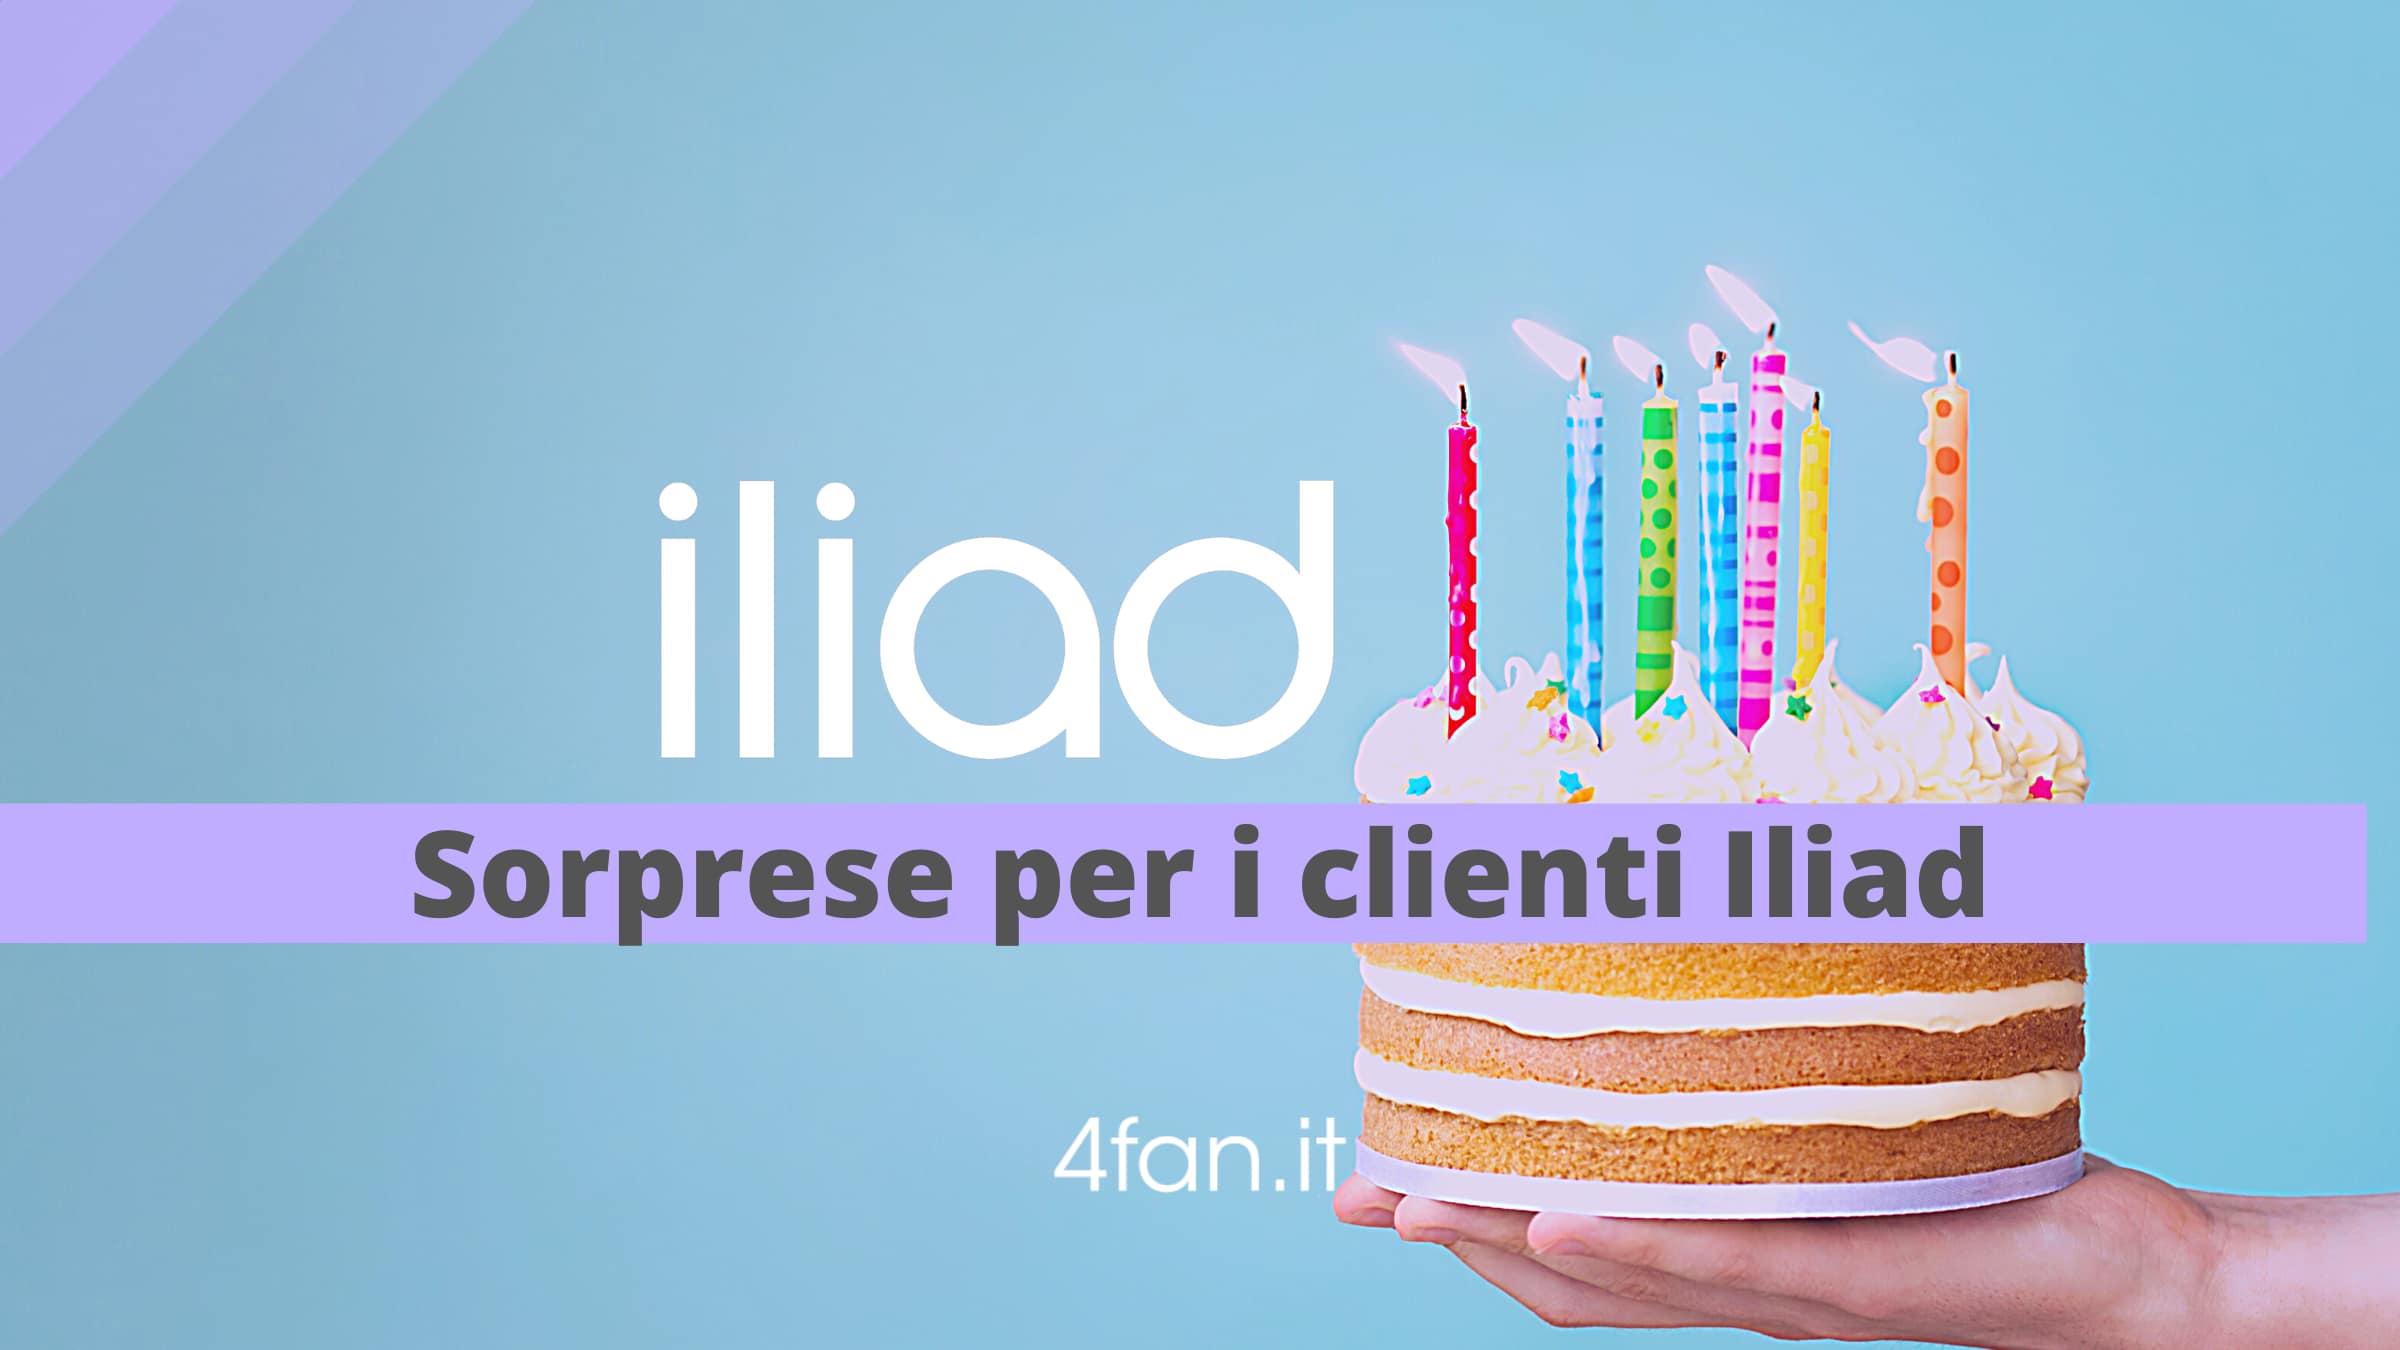 Sorprese Per Un Compleanno compleanno di iliad. sorpresa per tutti gli utenti del